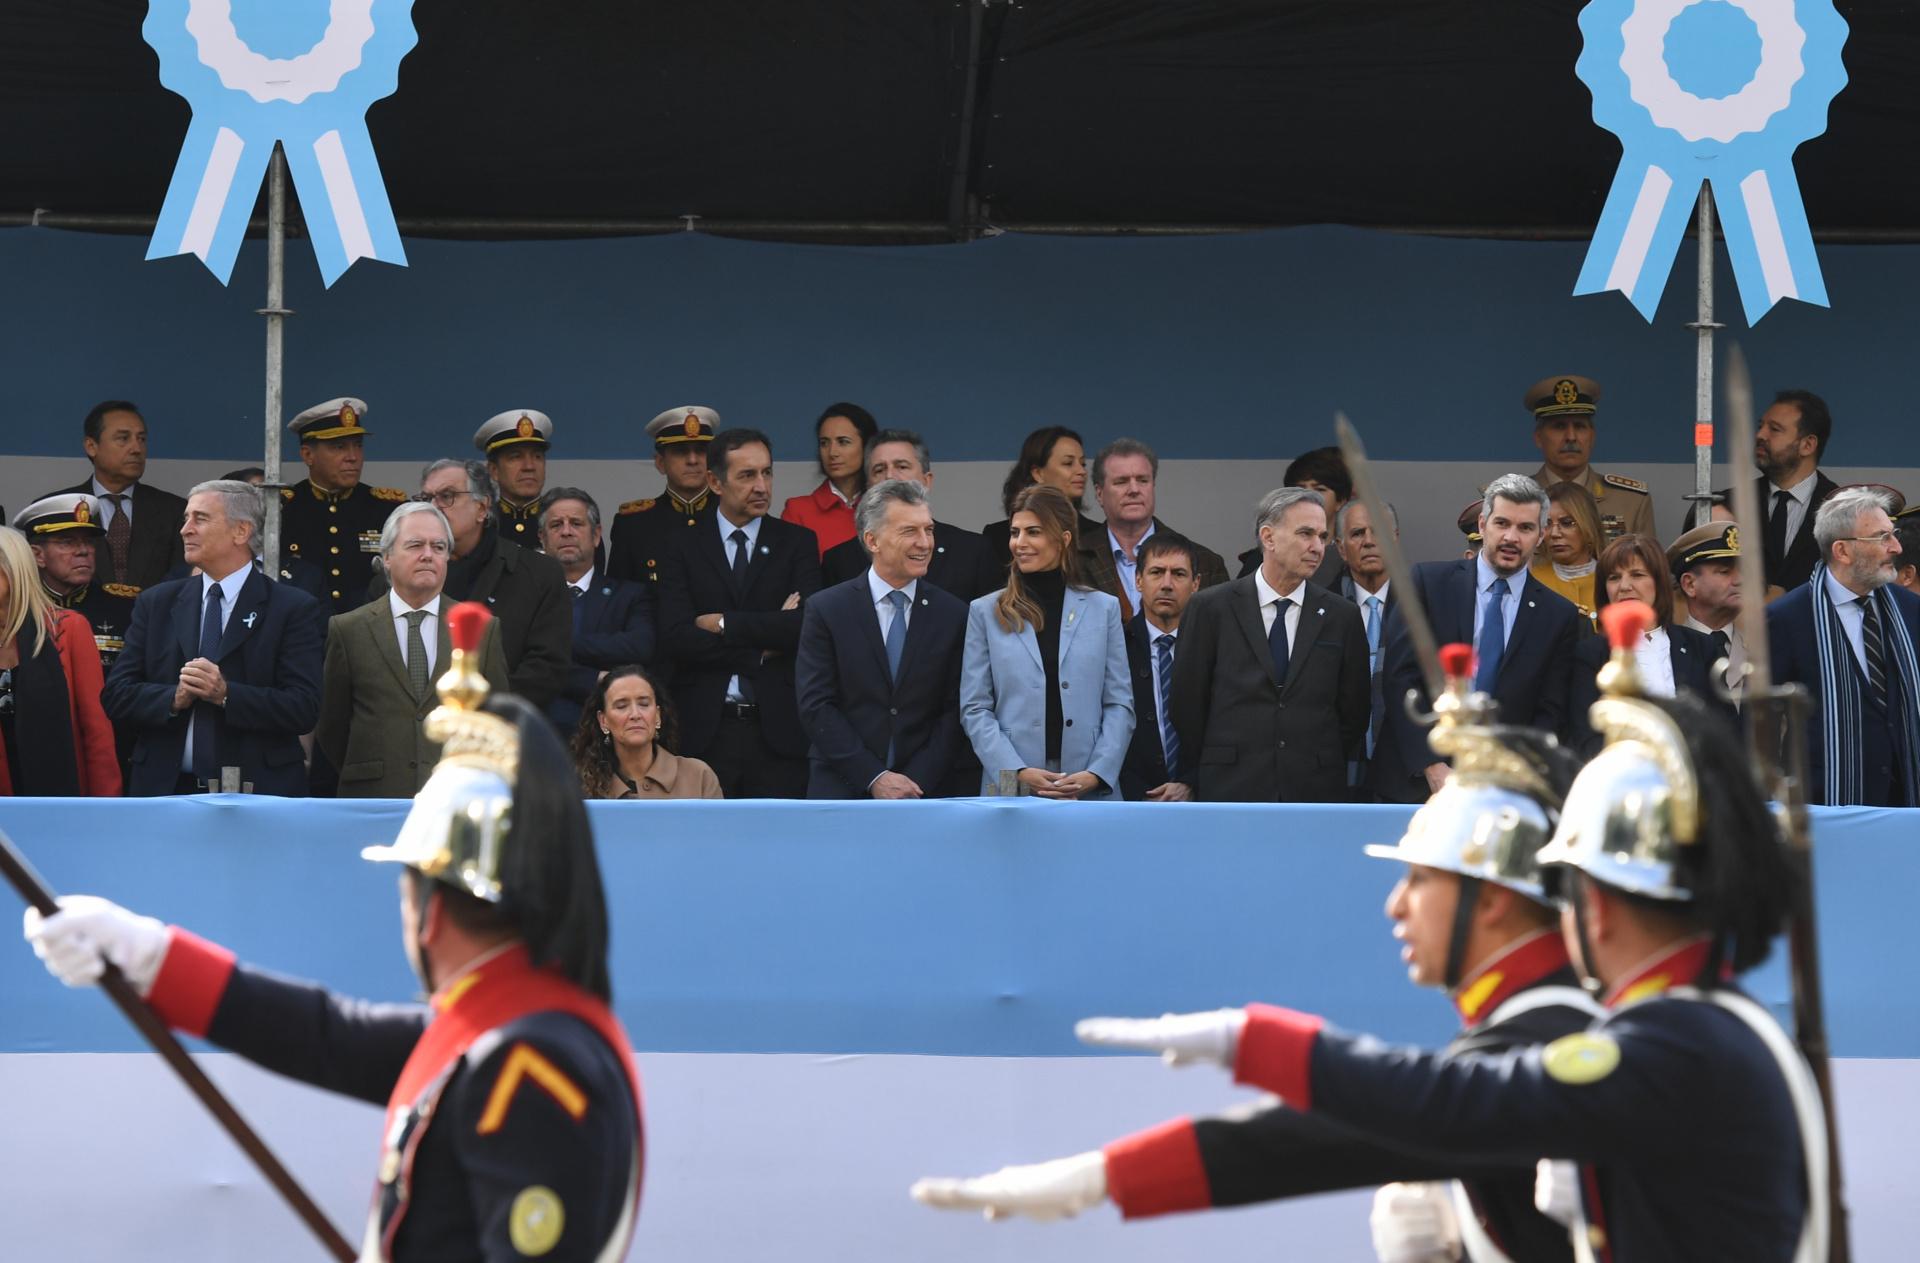 El Presidente estuvo acompañado por su esposa, Juliana Awada